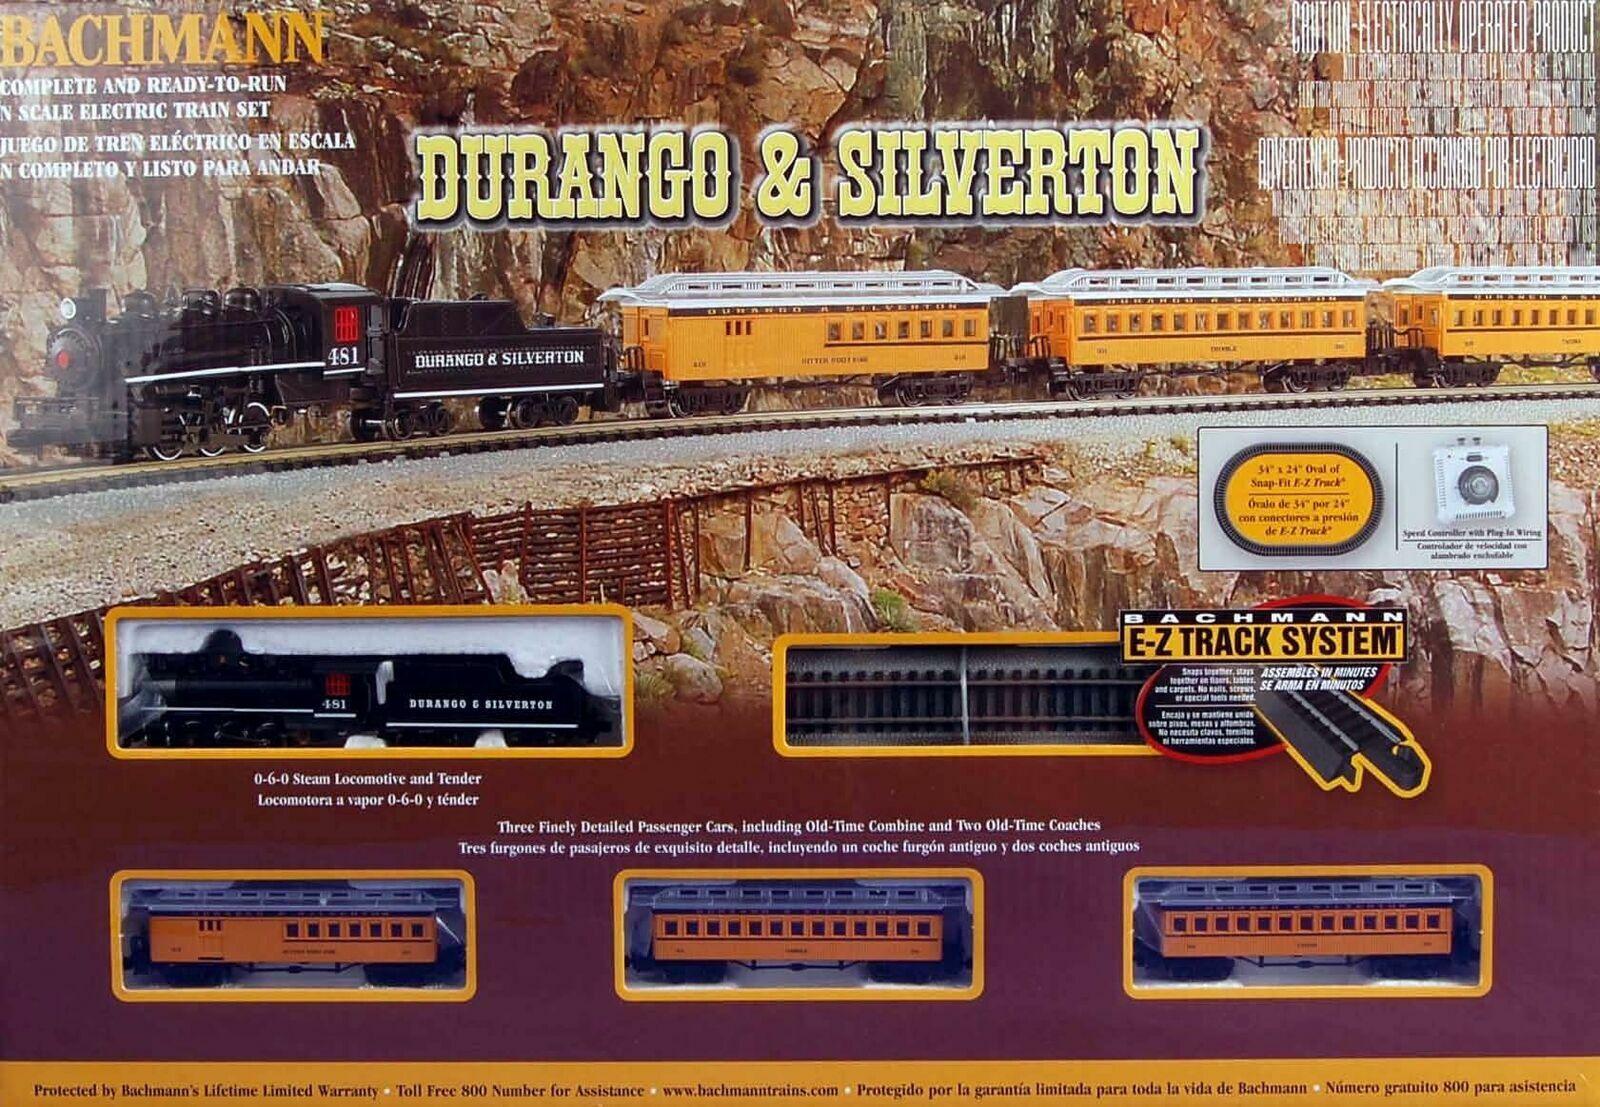 Bachuomon 24020 SCALA N Durango & argentodeon Treno a Vapore Set Pronto A Correre